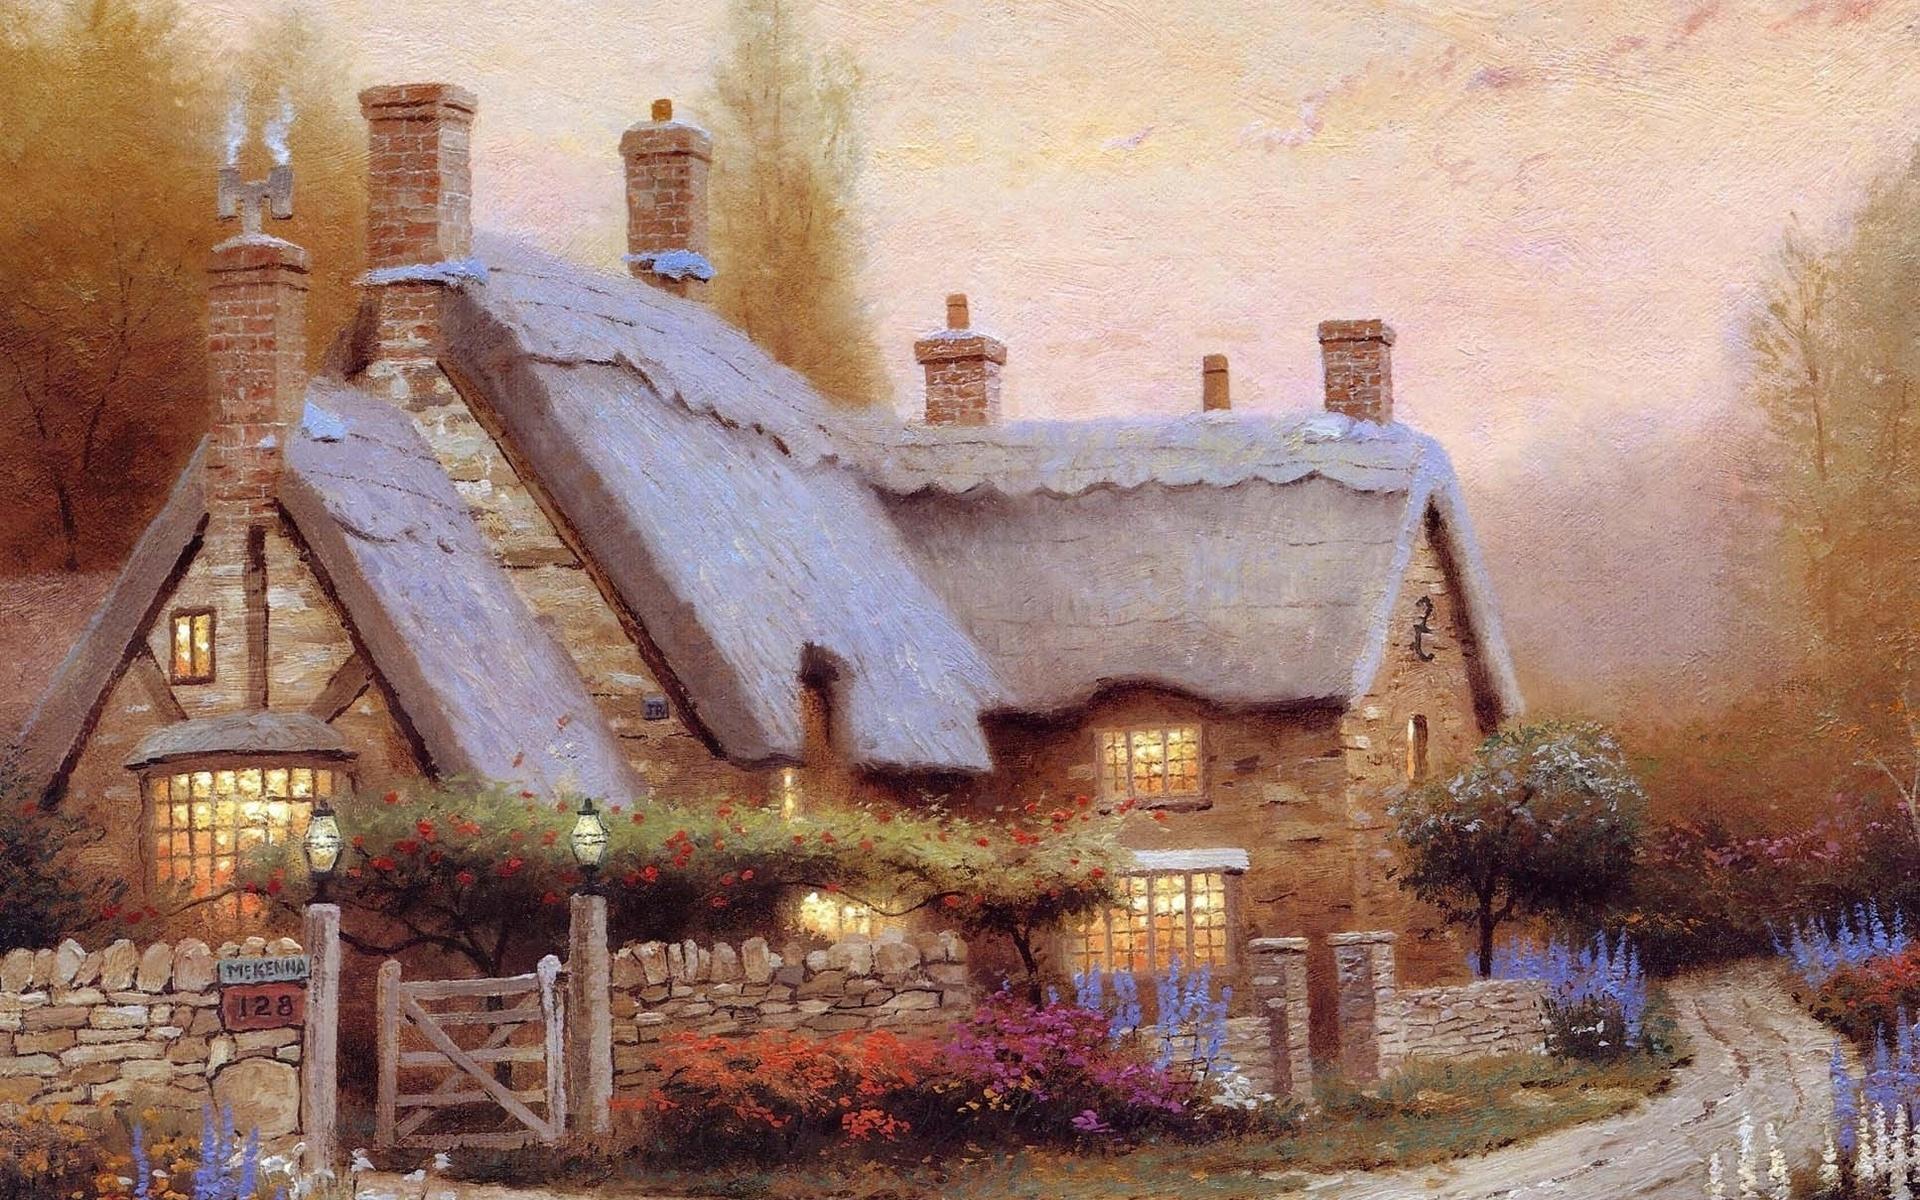 Пейзаж с домами картинки